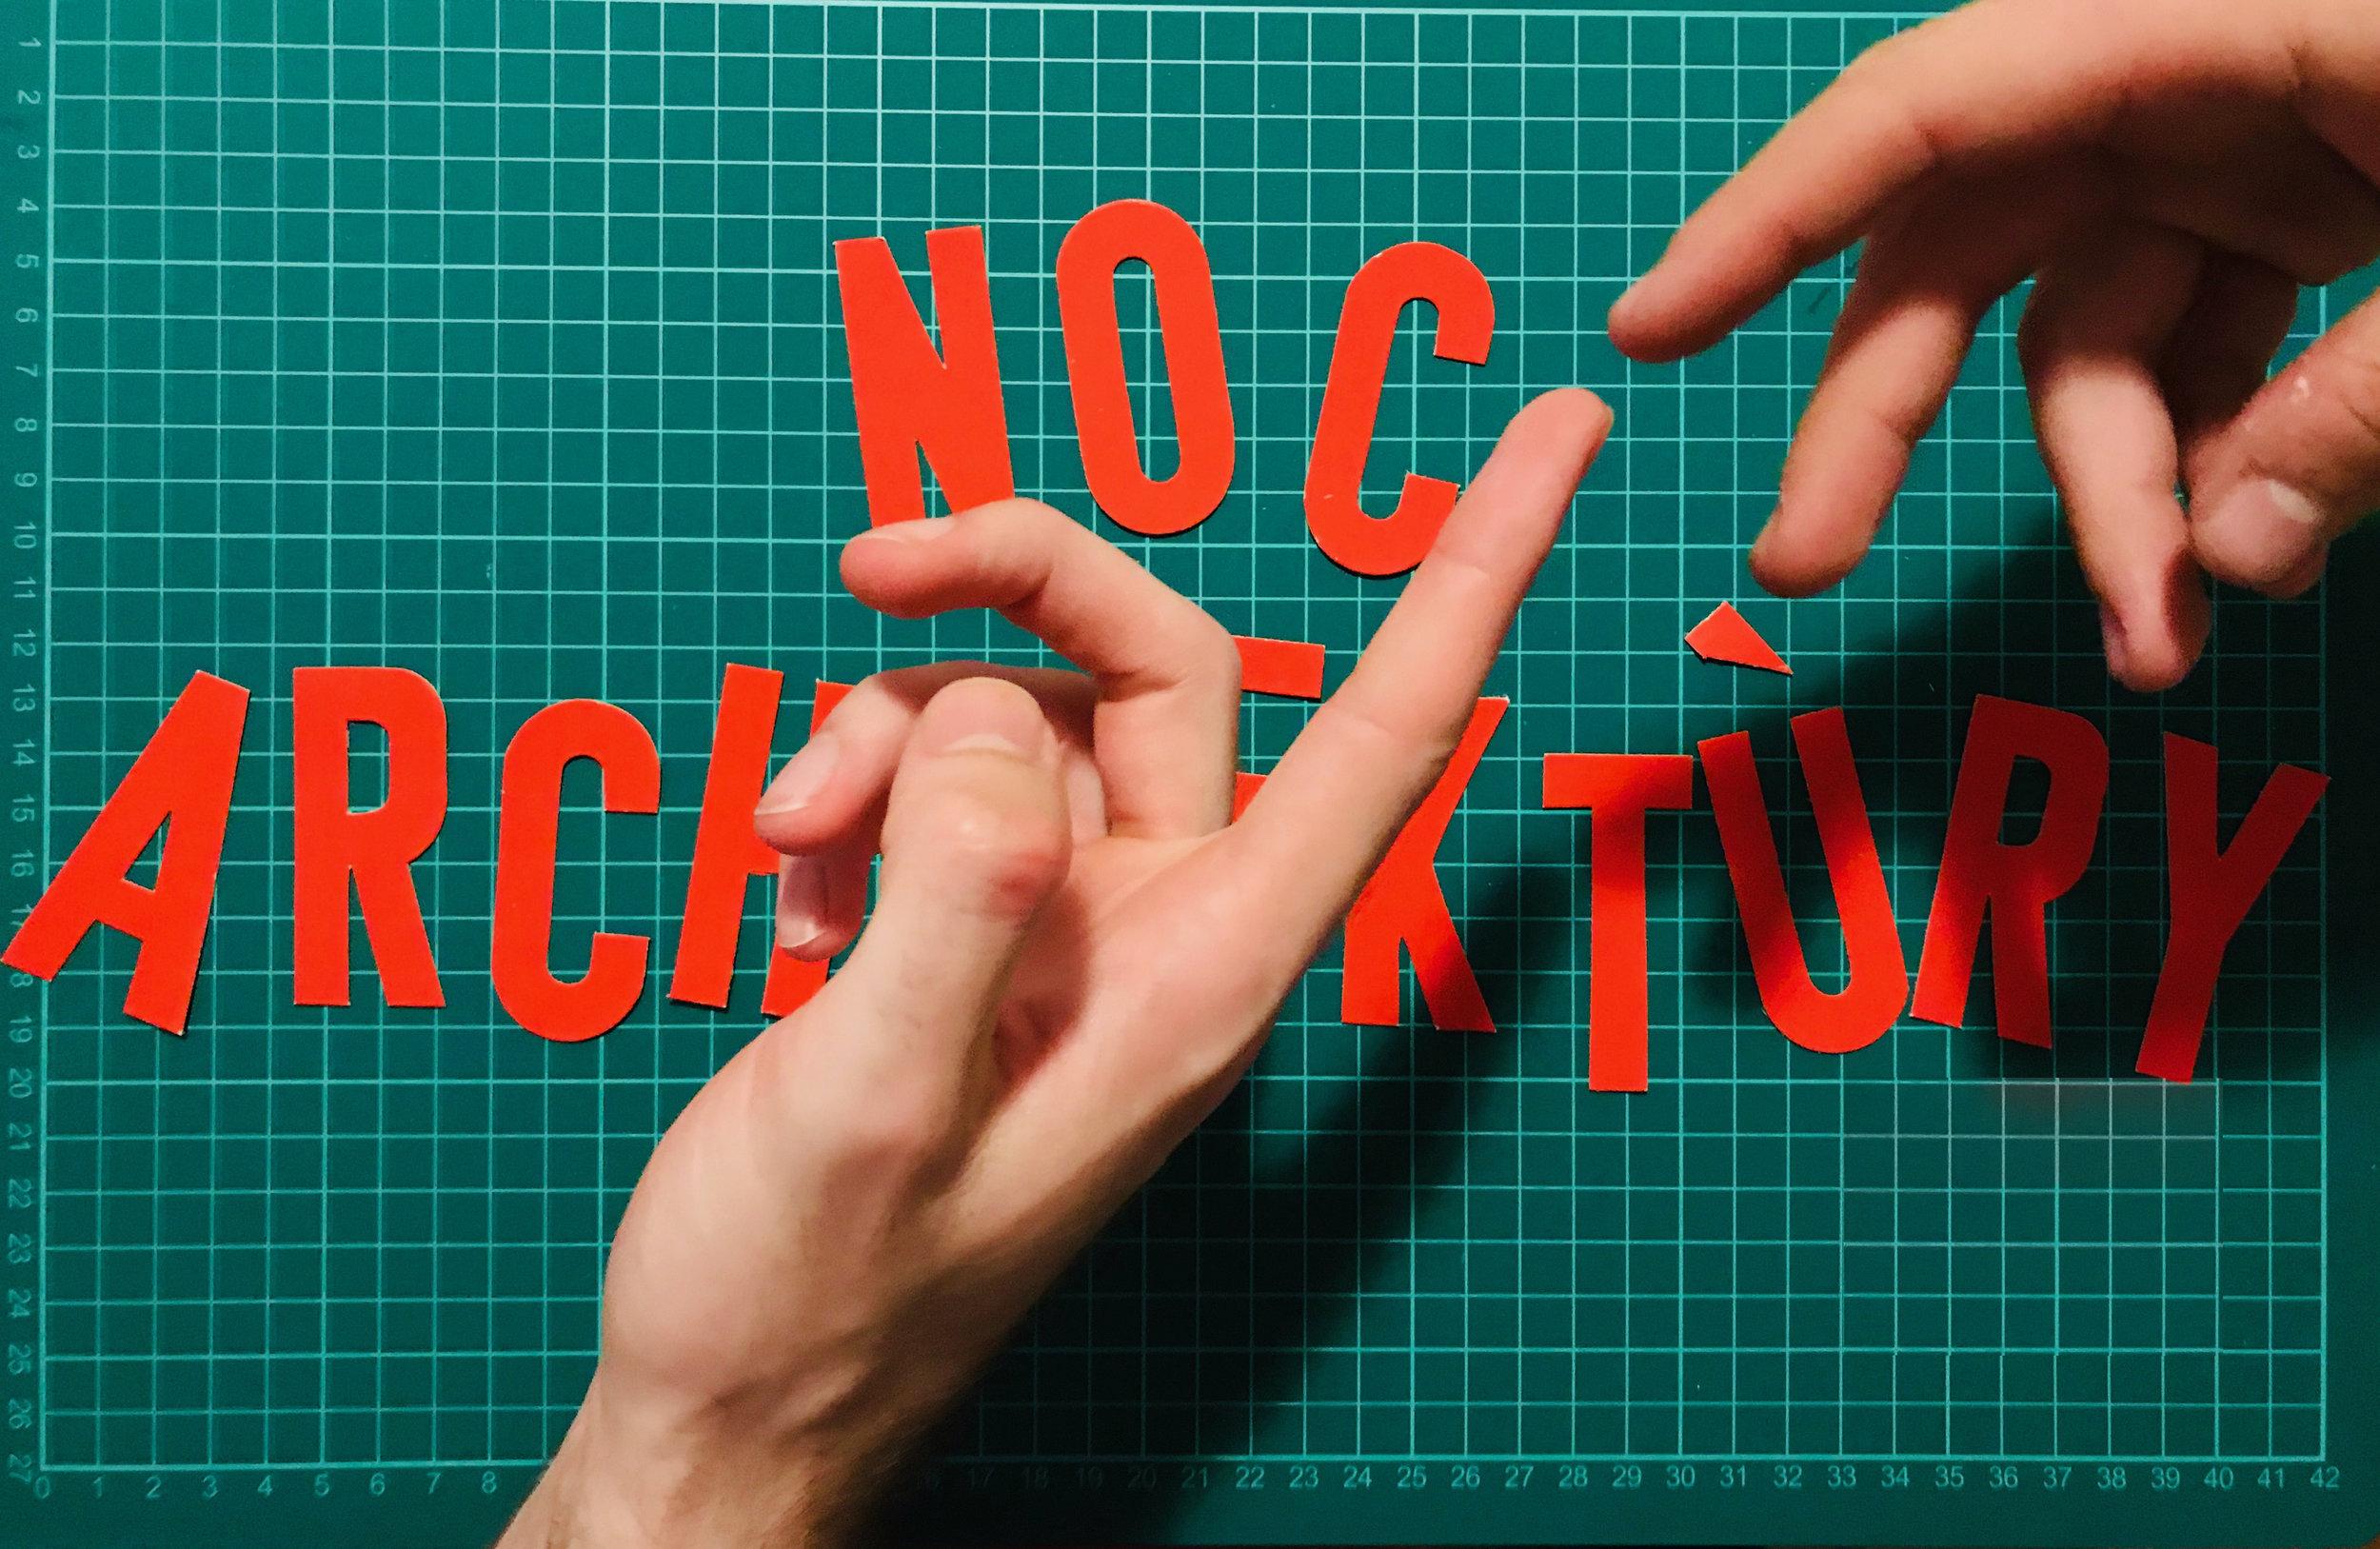 Noc_arch.jpg